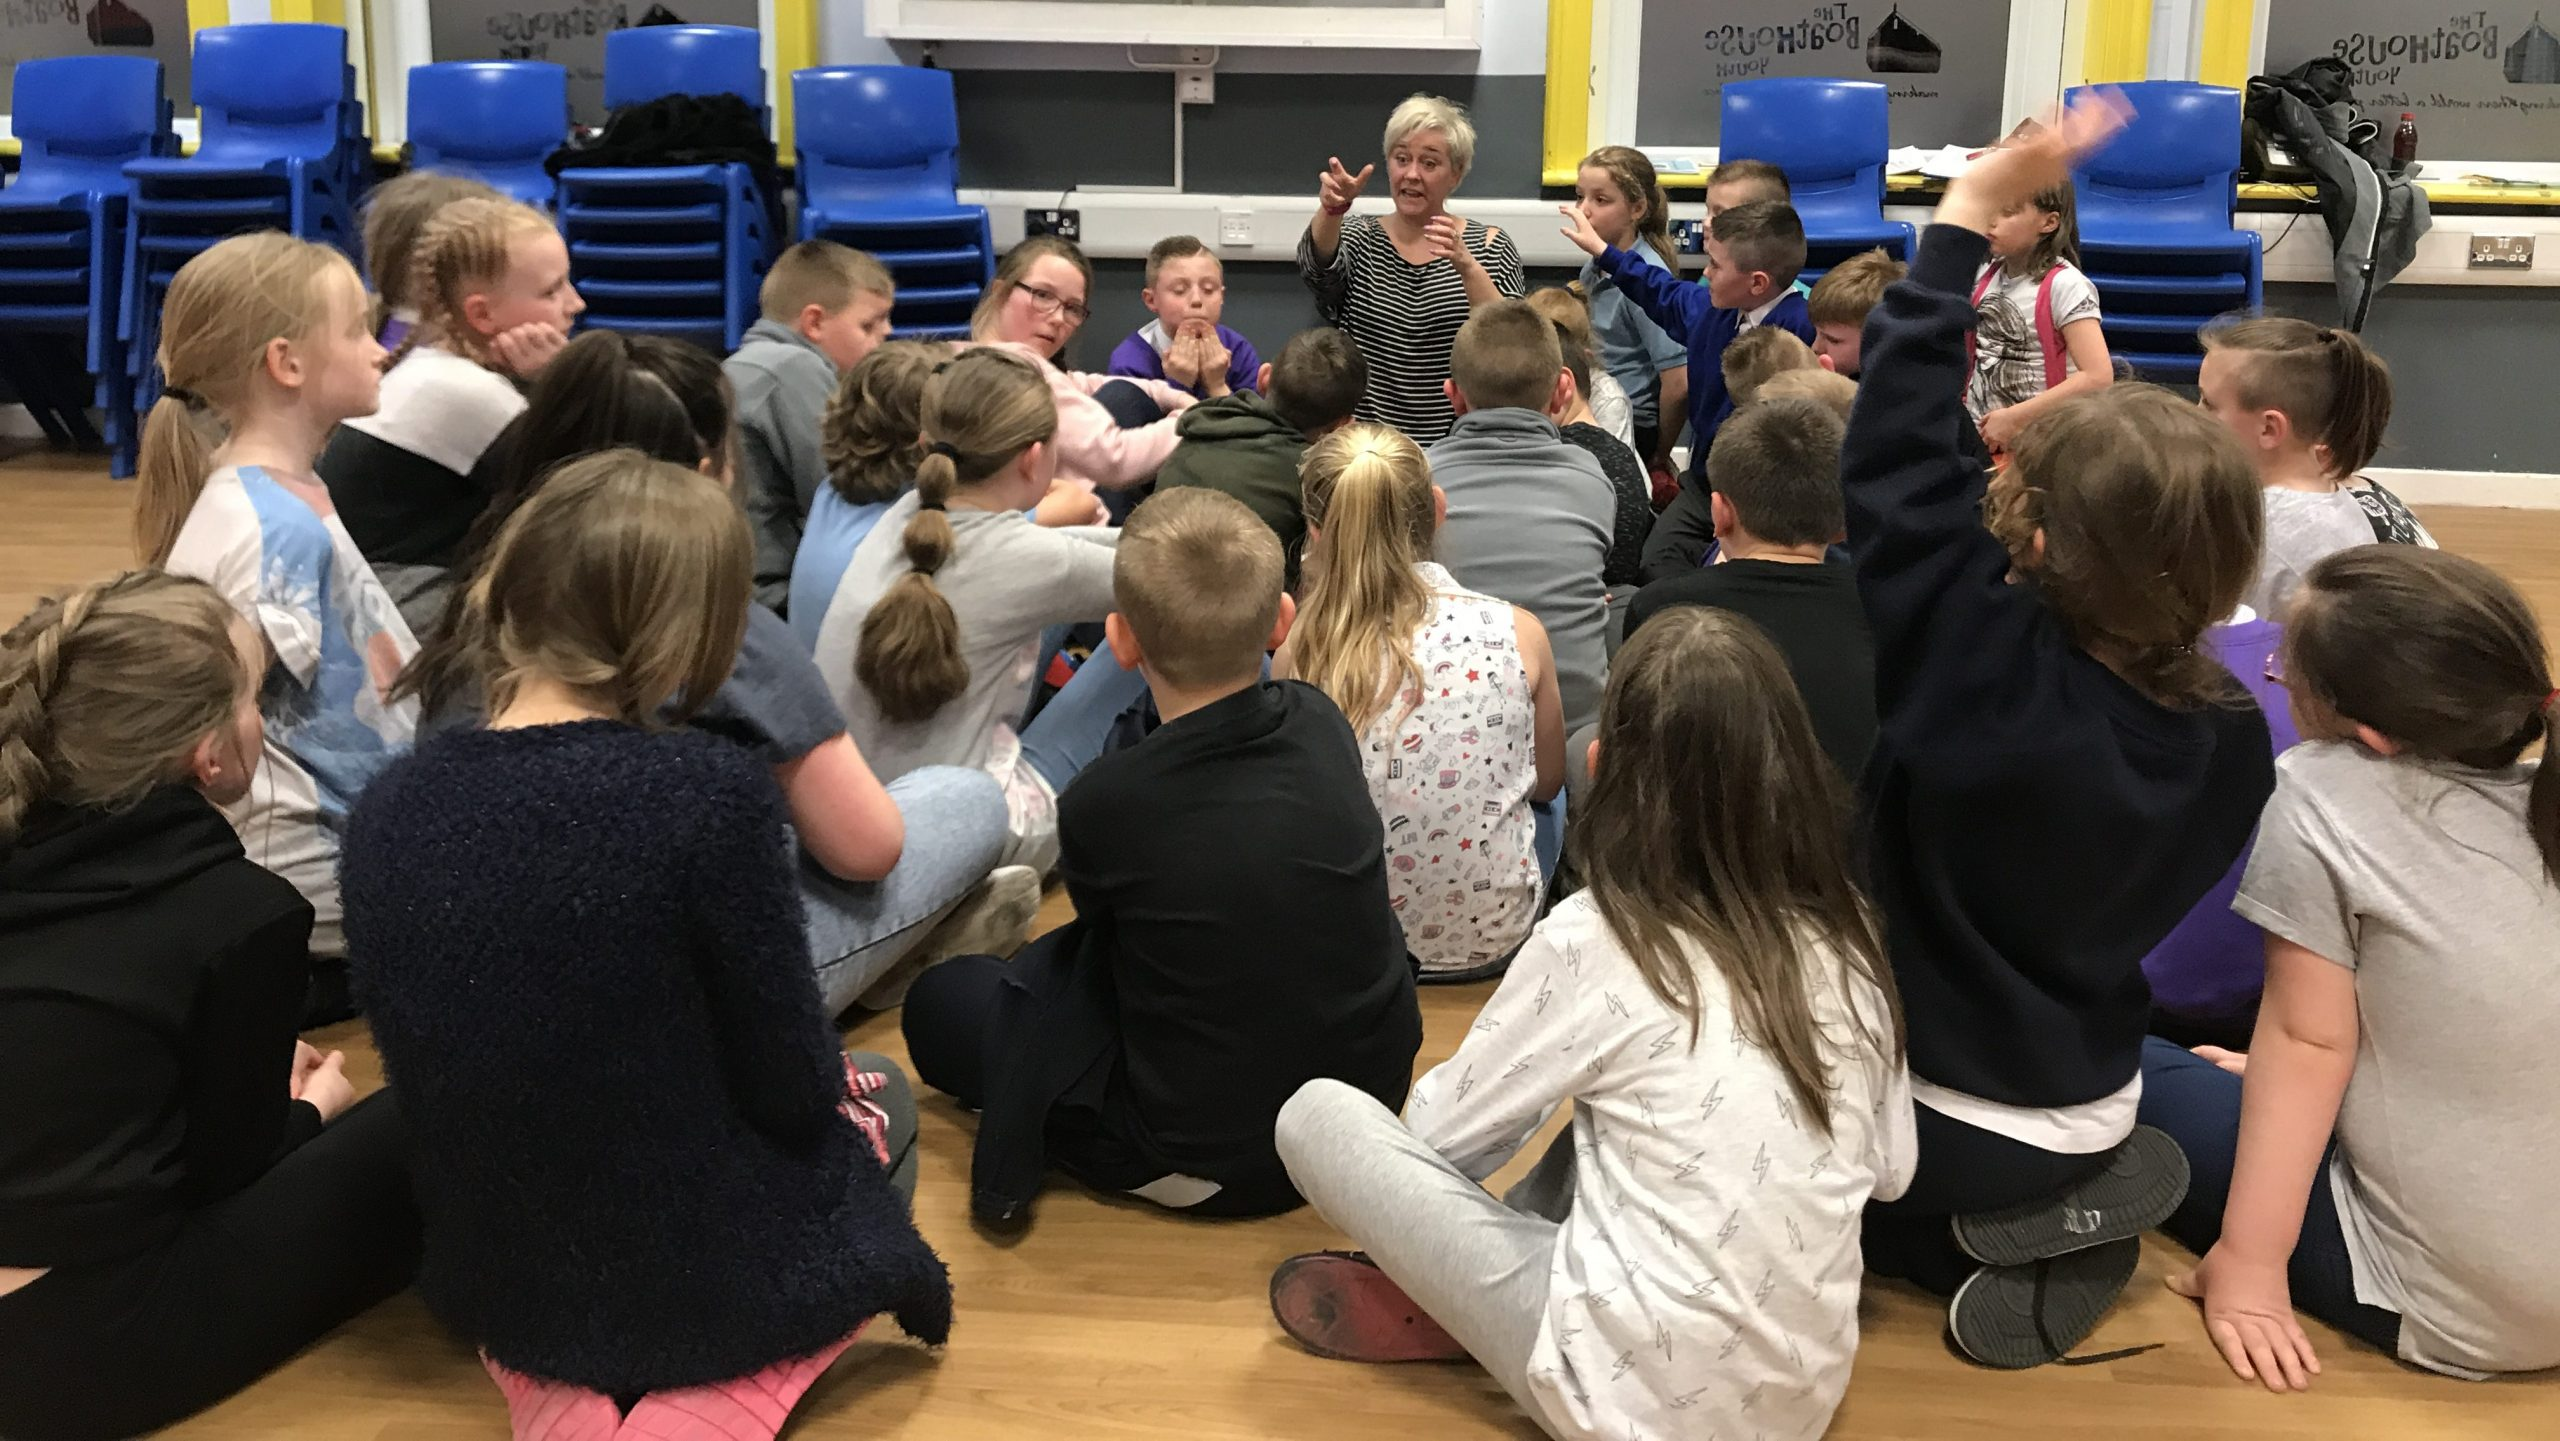 Children sat on the floor listening to Melanie speak